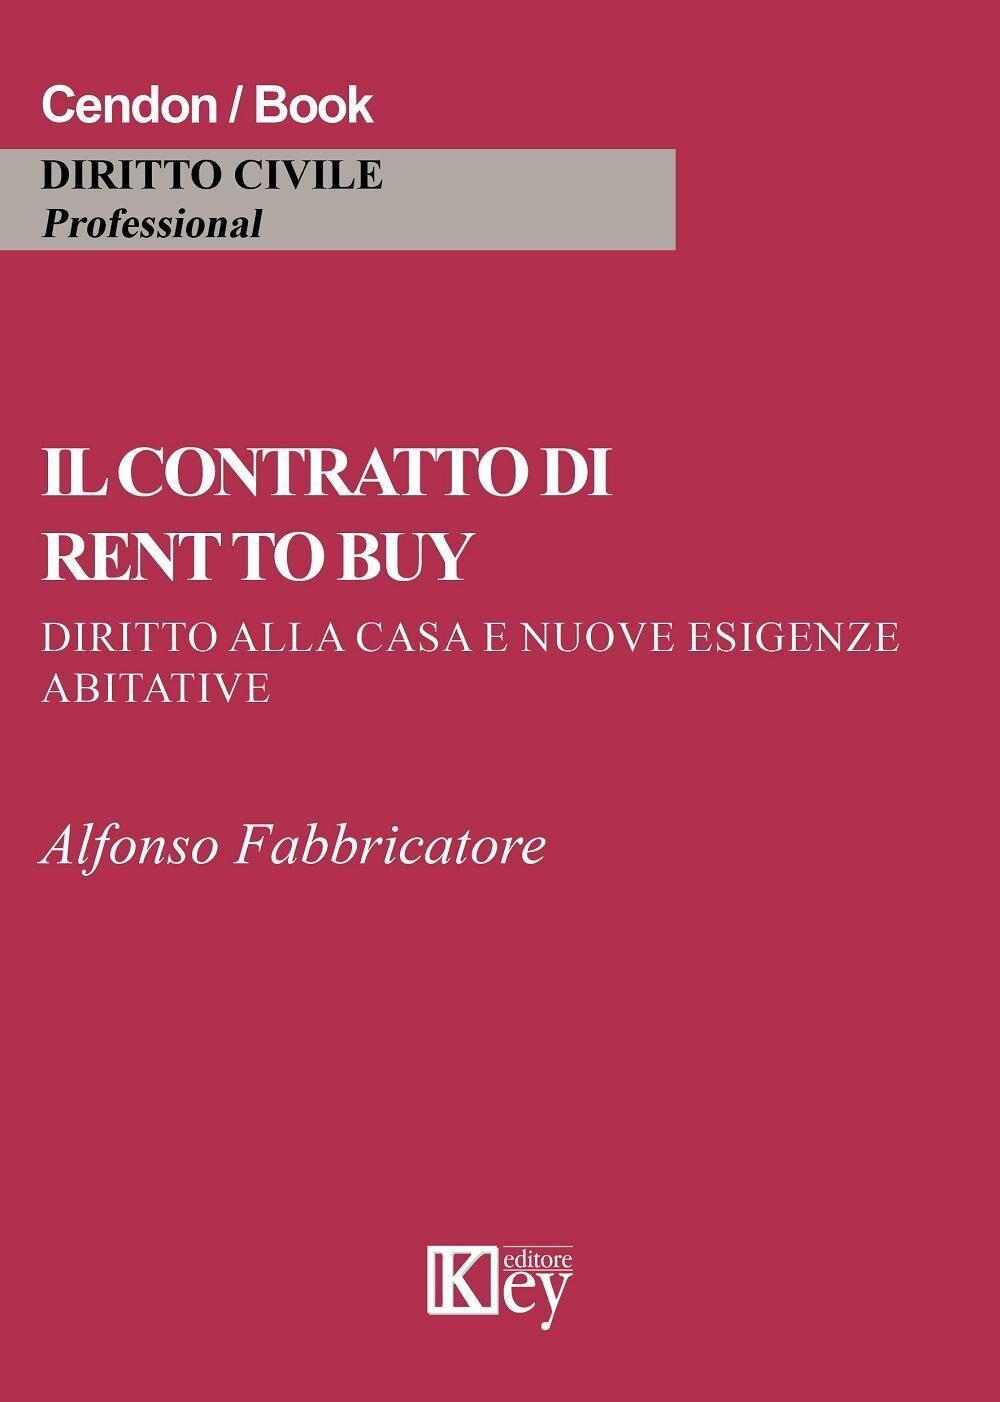 Il contratto di rent to buy. Diritto alla casa e nuove esigenze abitative